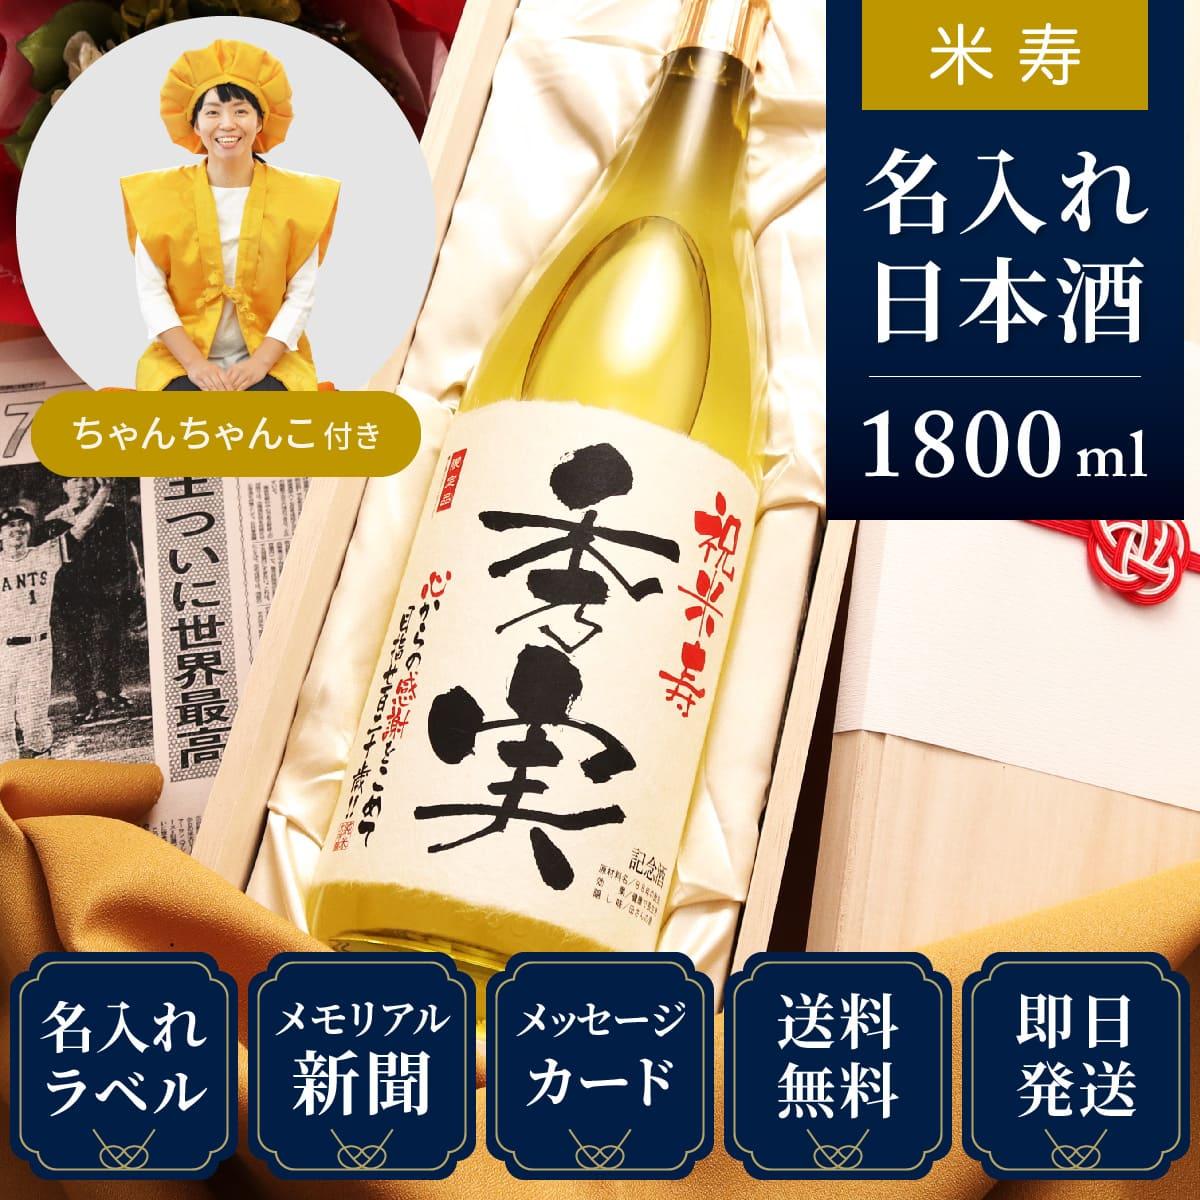 【米寿祝いセット】記念日新聞付き名入れ日本酒1800ml+黄ちゃんちゃんこセット≪黄凛≫【純米大吟醸】